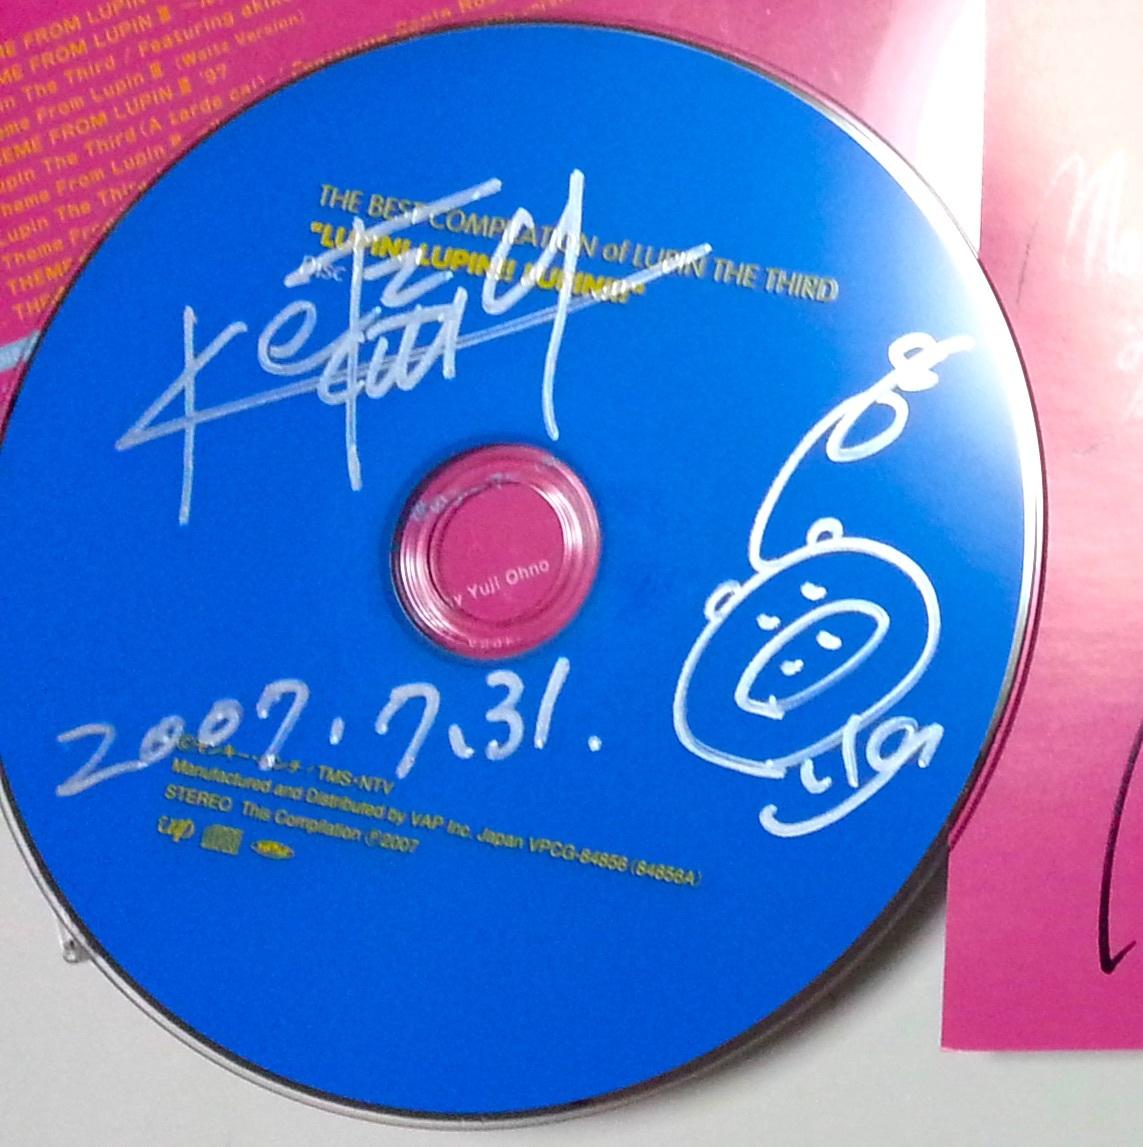 送料無料★美品★大野雄二 直筆サイン入り★2枚組★ルパン三世CD★THE BEST COMPILATION of LUPIN THE THIRD 「LUPIN! LUPIN!! LUPIN!!!」 _画像4